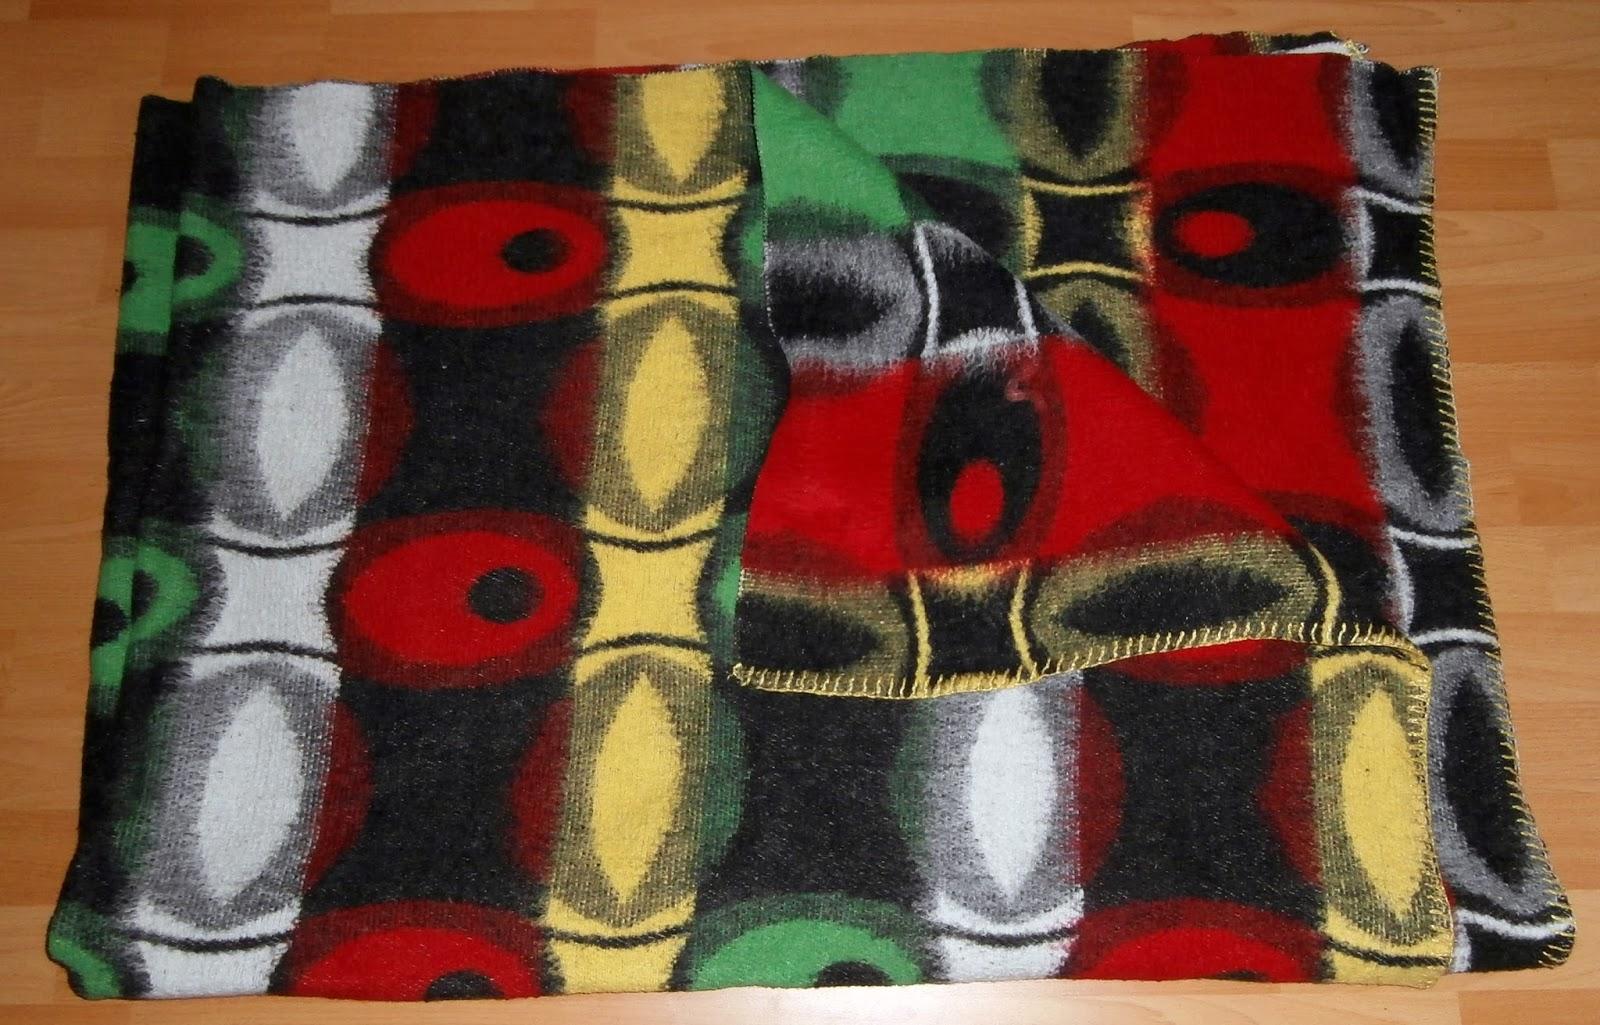 Full Size of Schöne Decken Das Wolldecken Museum The Blankets 2 Schne Wohnzimmer Deckenleuchte Deckenstrahler Bad Deckenlampen Modern Für Deckenleuchten Küche Wohnzimmer Schöne Decken